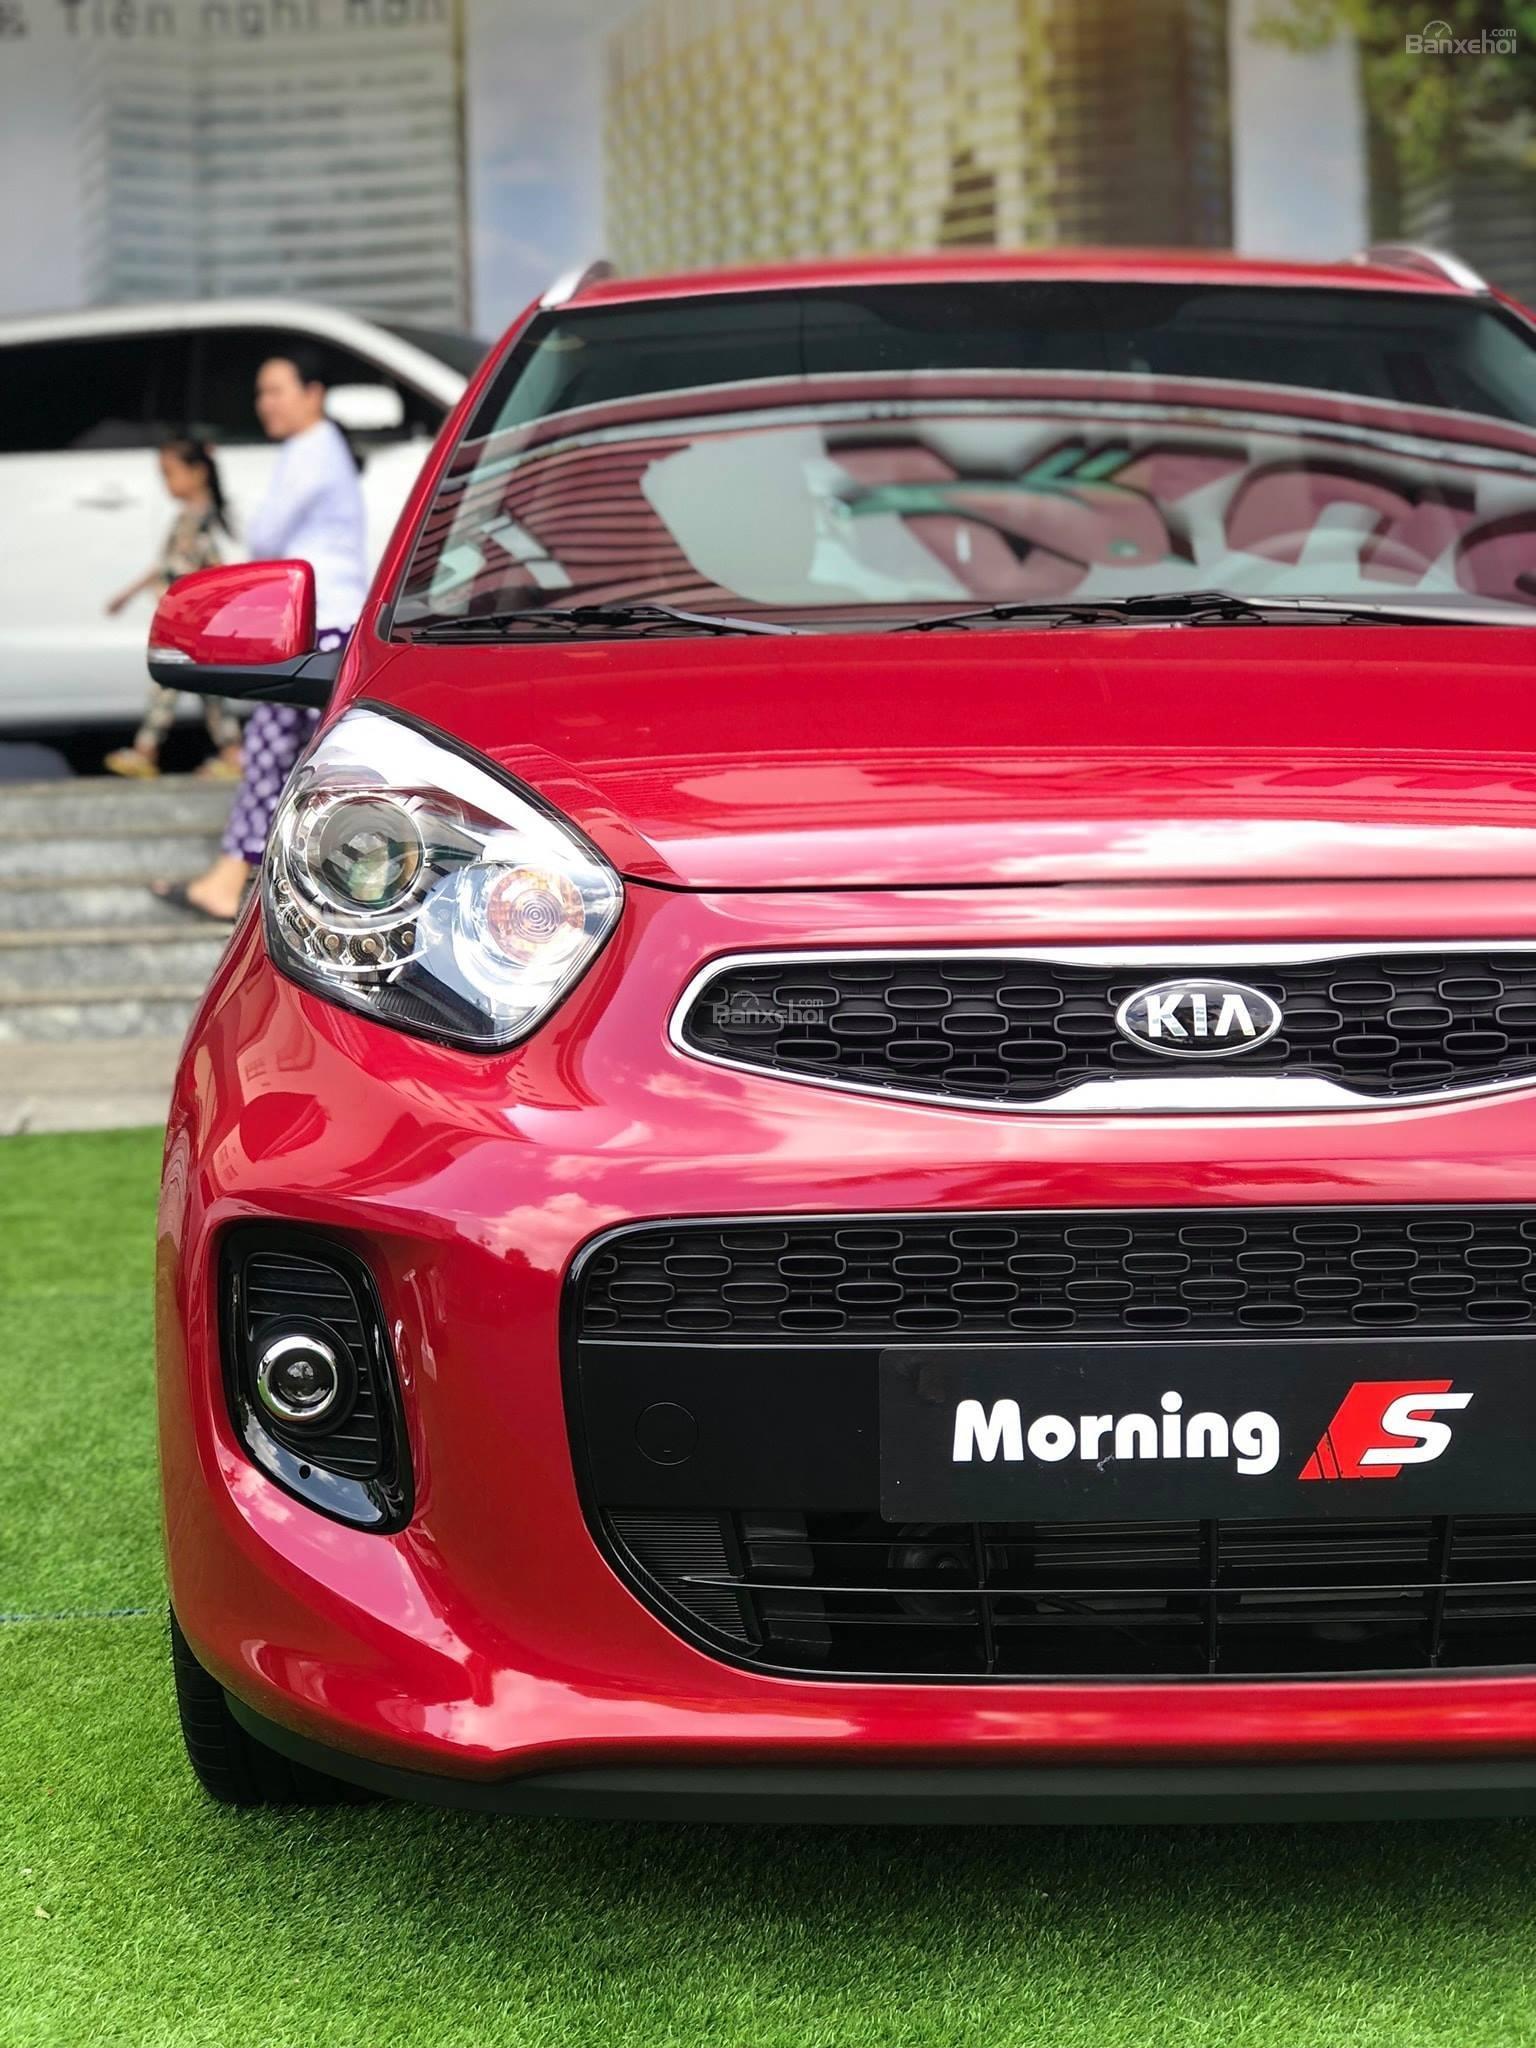 Kia Morning 2019 phiên bản mới giá 355 triệu đồng chính thức bán tại đại lý, giao xe ngay - Ảnh 2.